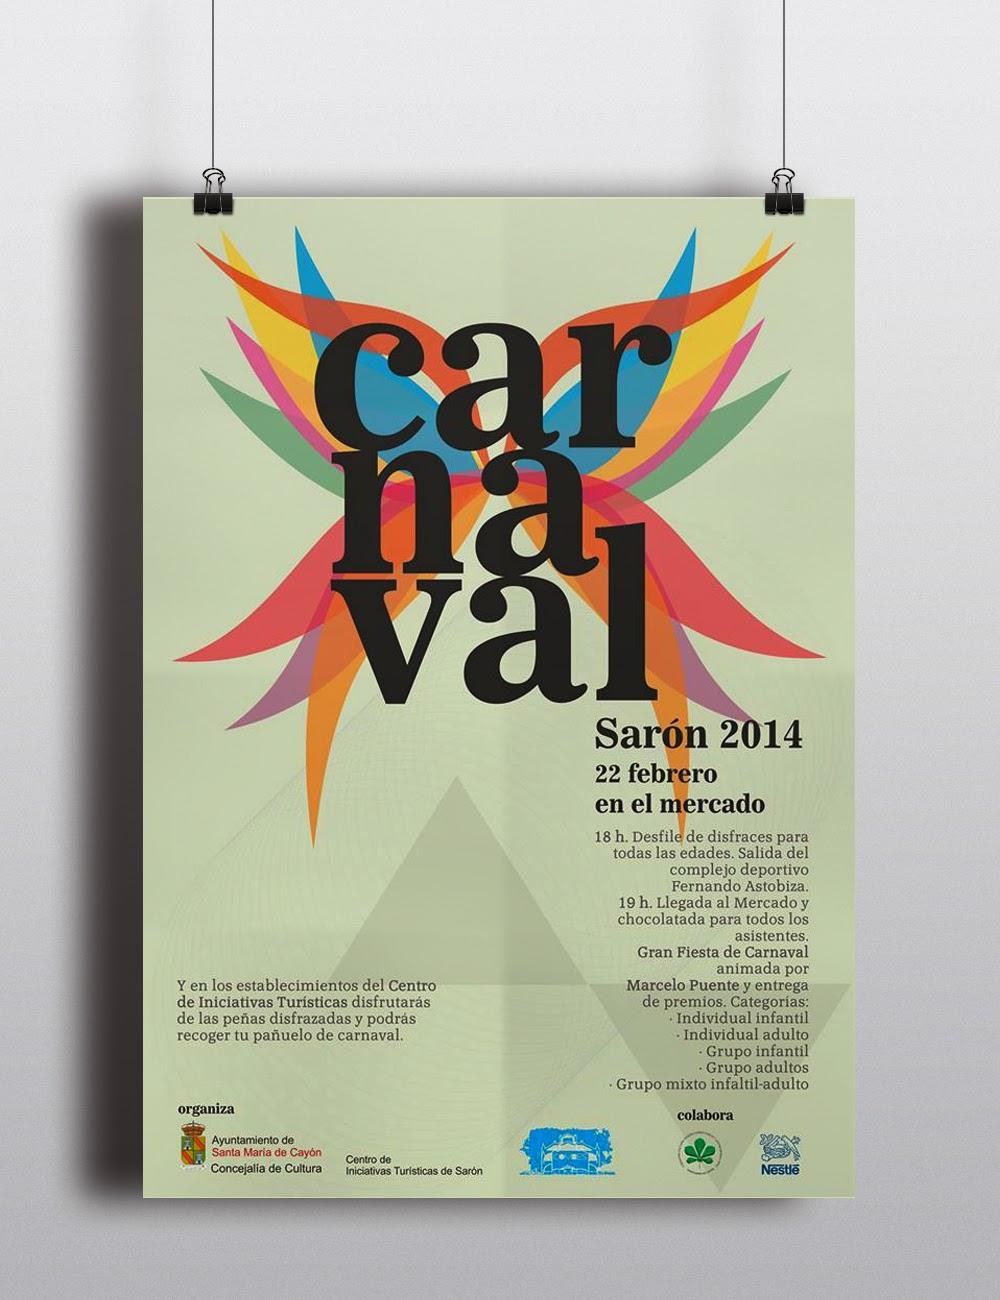 poster-cartel-carnaval-saron-cantabria-by-que-tono-de-verde-color-arcoiris-febrero